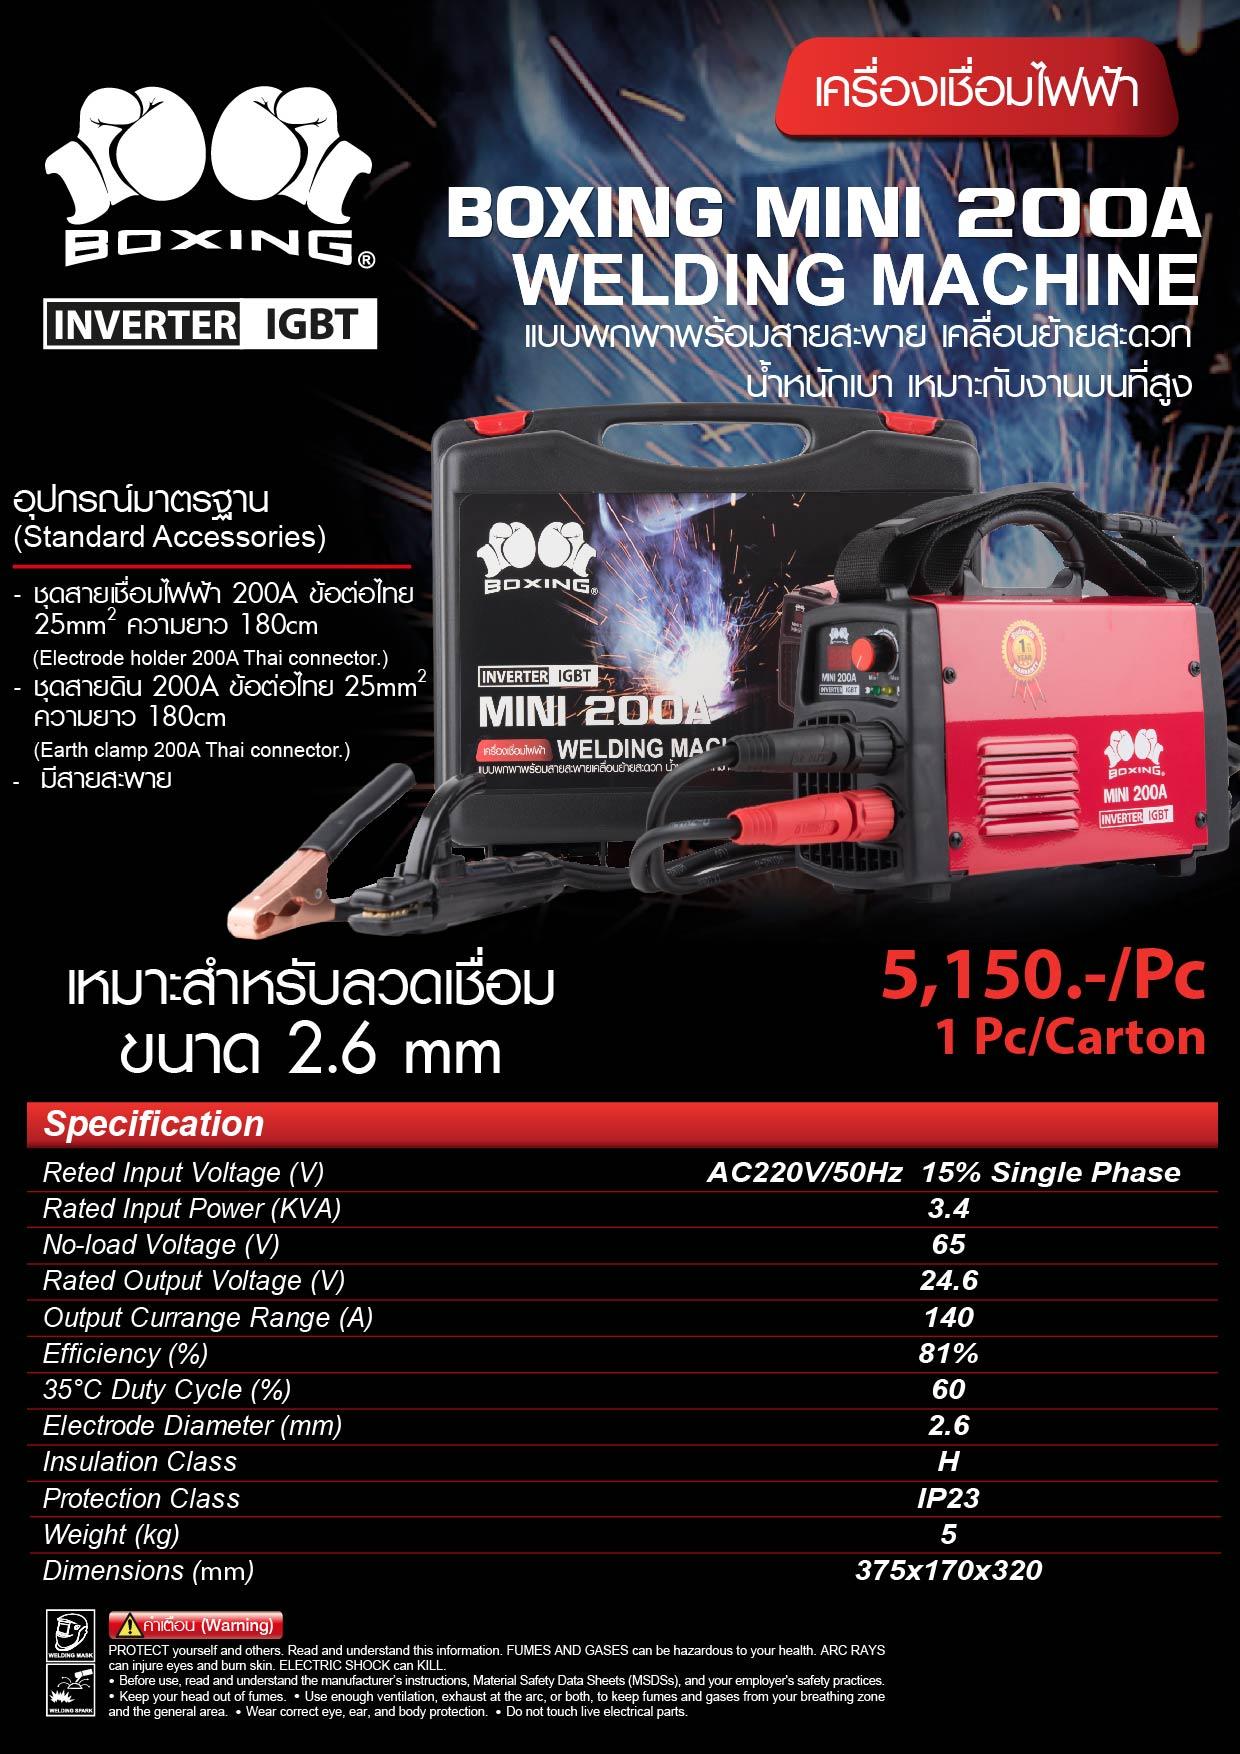 (12/19) เครื่องเชื่อมไฟฟ้า - Welding Machine Stick200